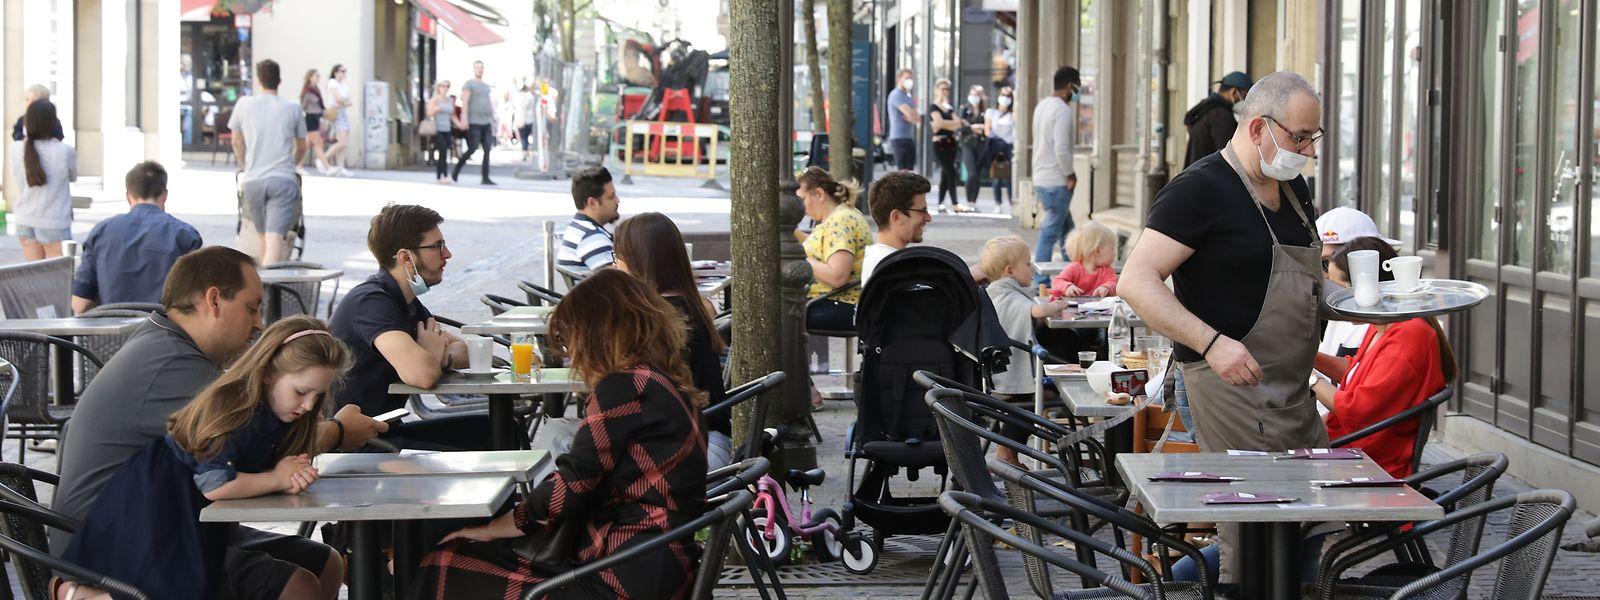 """""""Im Restaurant müssen sich Gäste an die Bestimmungen halten. Im Park nicht"""", sagt François Koepp, Generalsekretär der Horesca."""